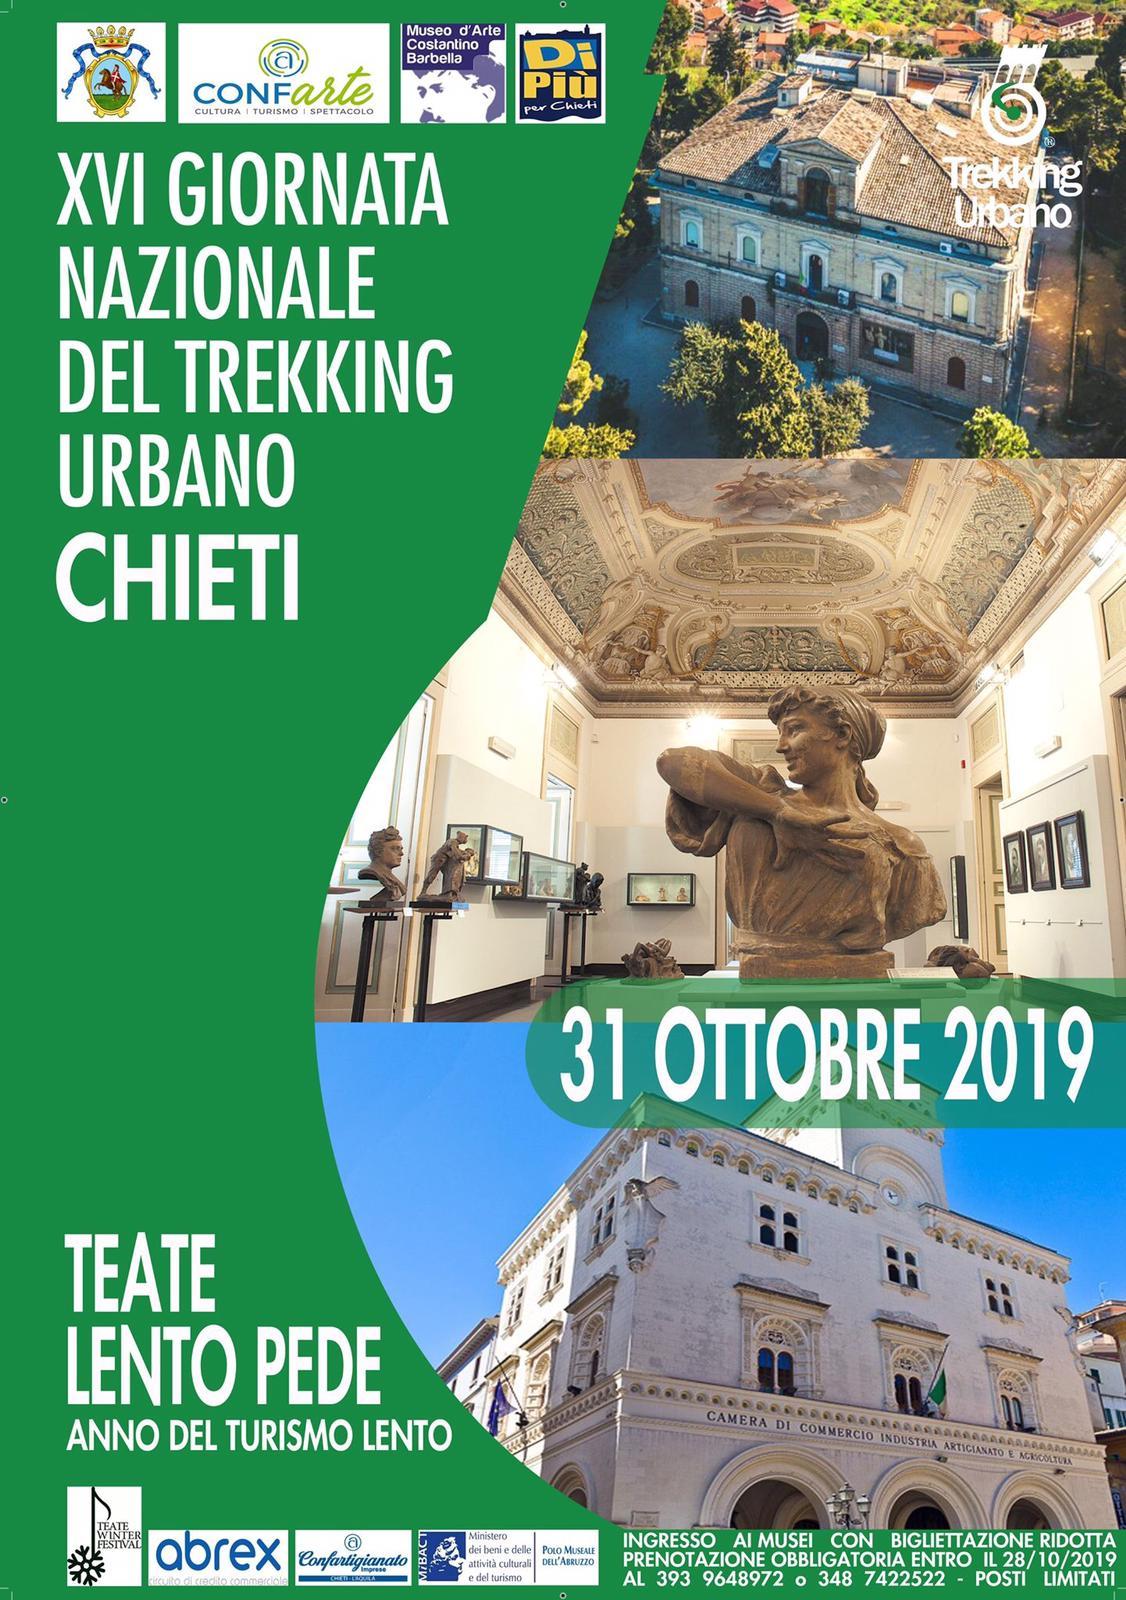 Chieti tra i 48 itinerari della 'Giornata nazionale del trekking urbano'